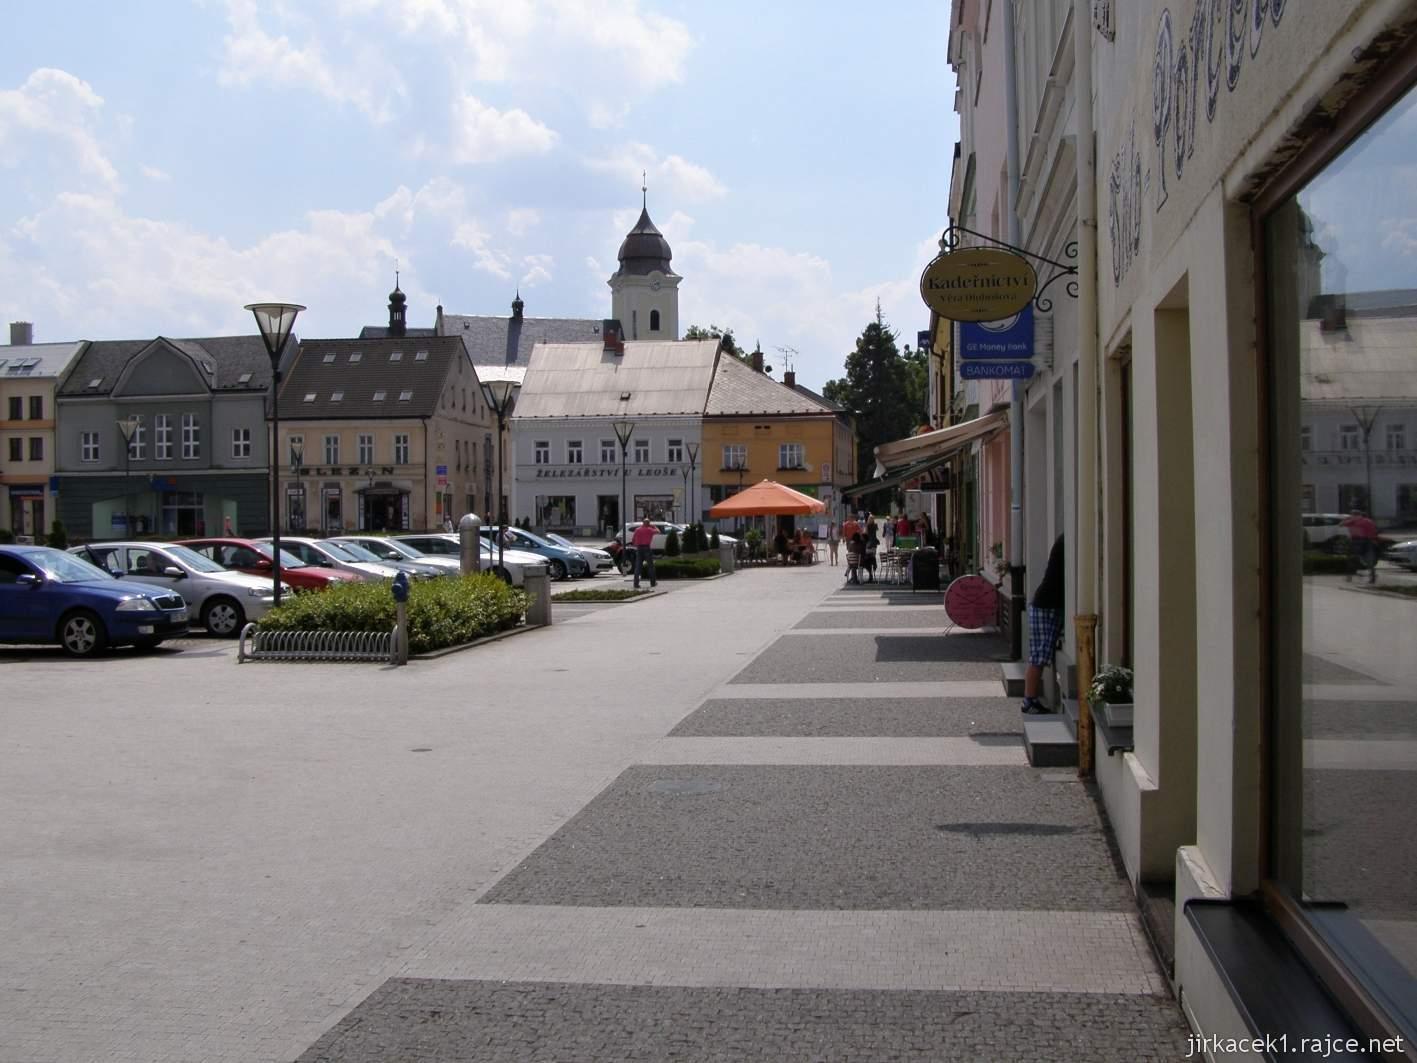 Hlučín - Mírové náměstí 01 - roh náměstí s kostelem sv. Jana Křtitele